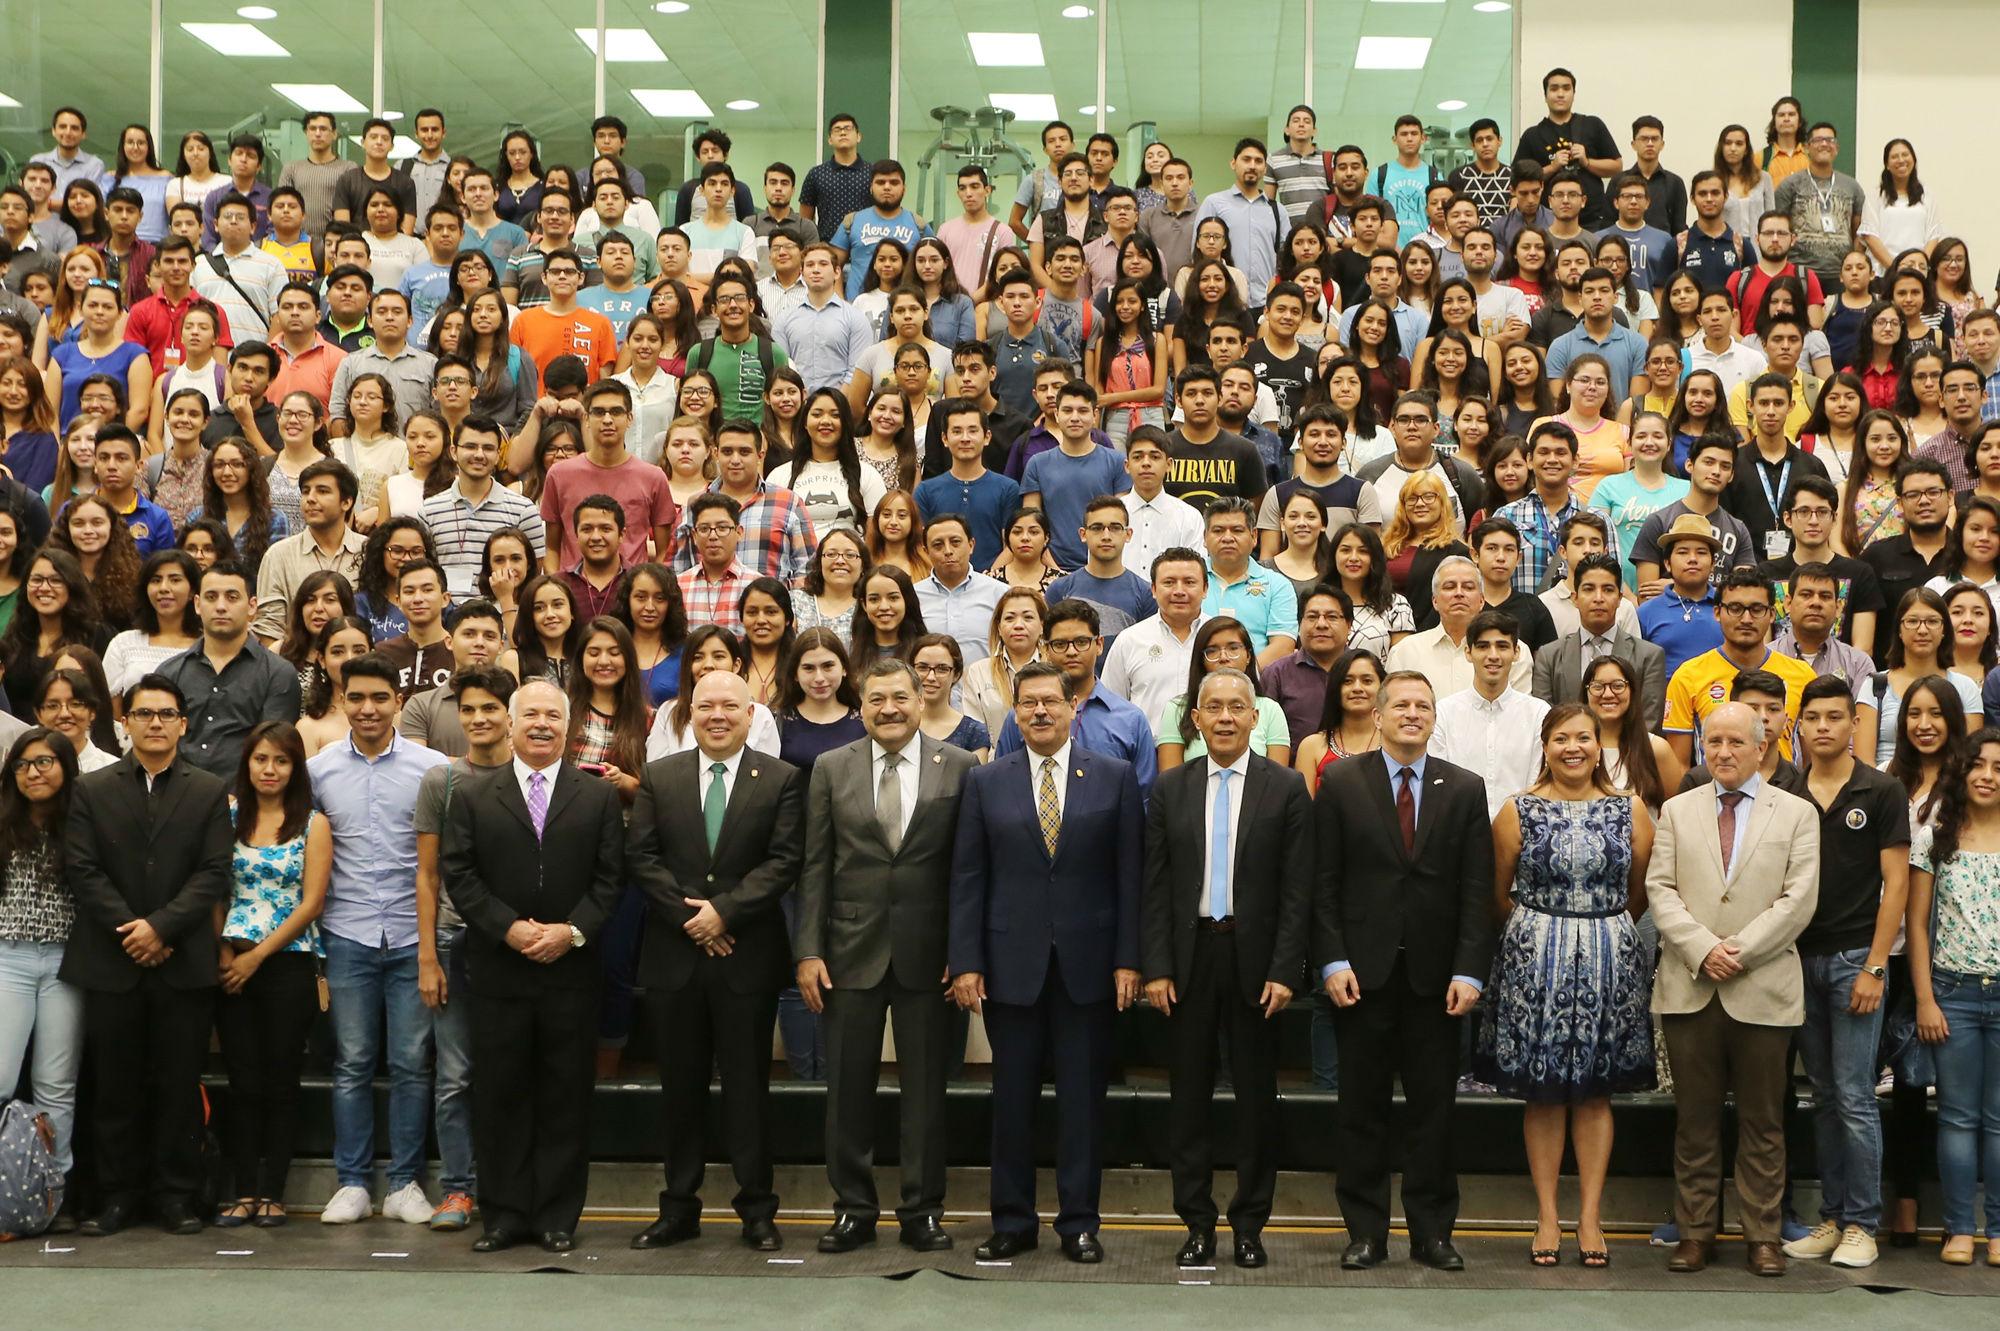 Fotografía grupal al finalizar la ceremonia de inauguración